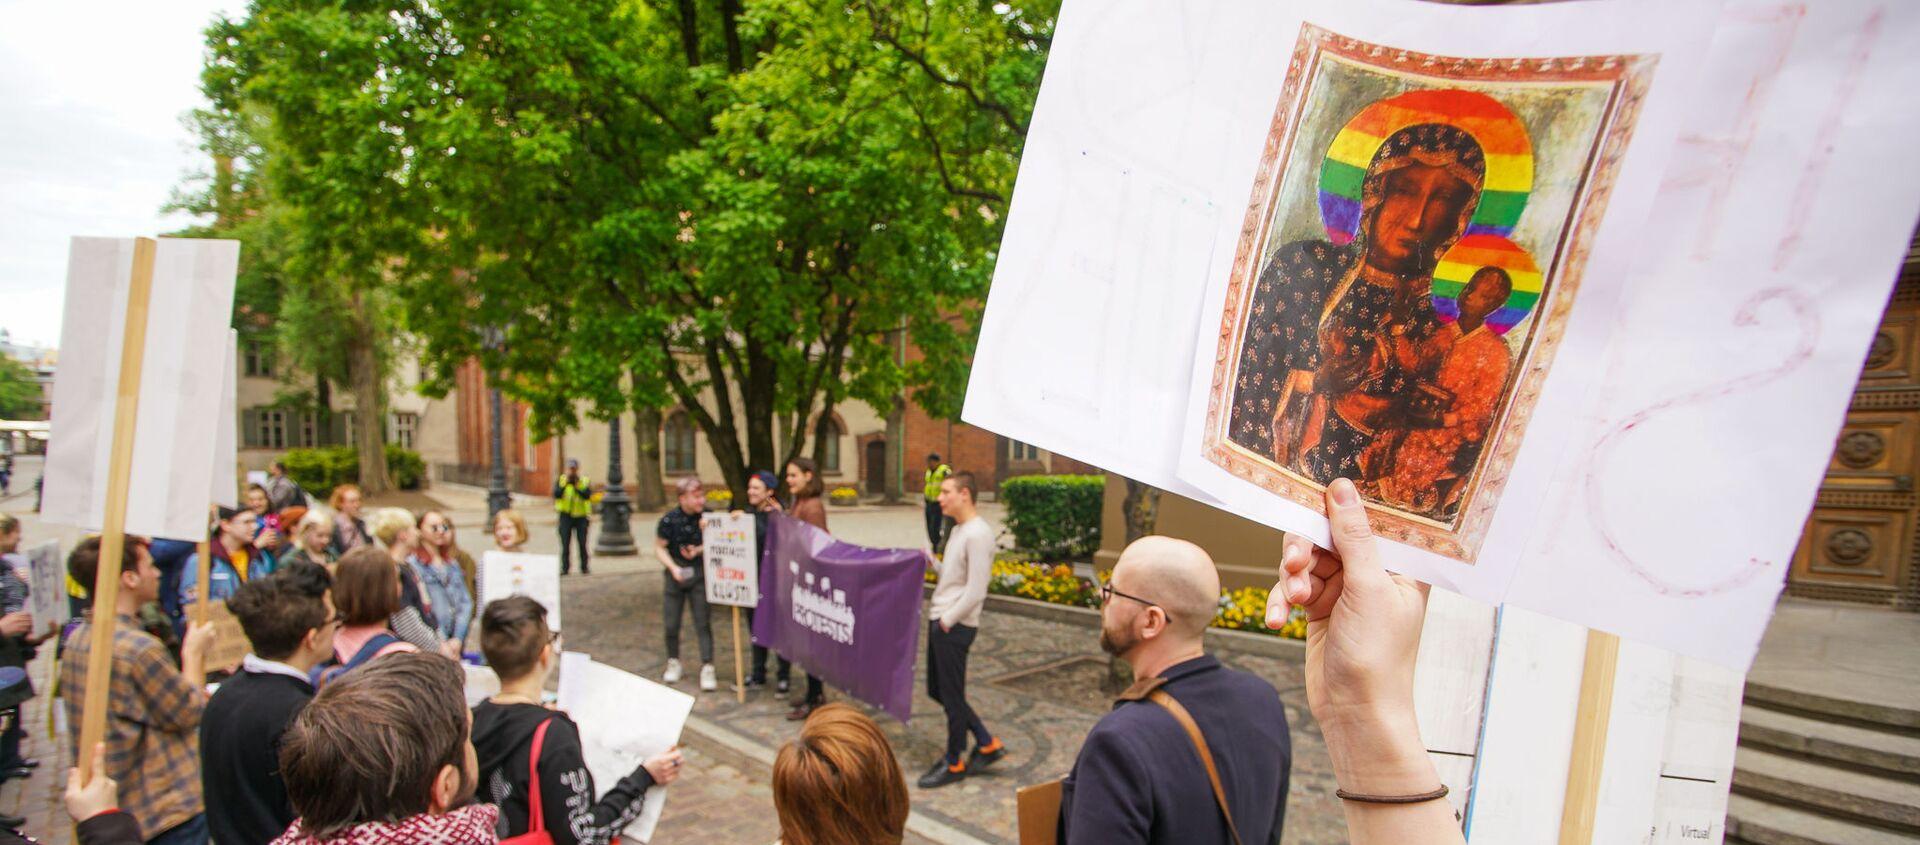 Пикет молодежной организации Протест за права представителей ЛГБТ - Sputnik Latvija, 1920, 21.06.2019